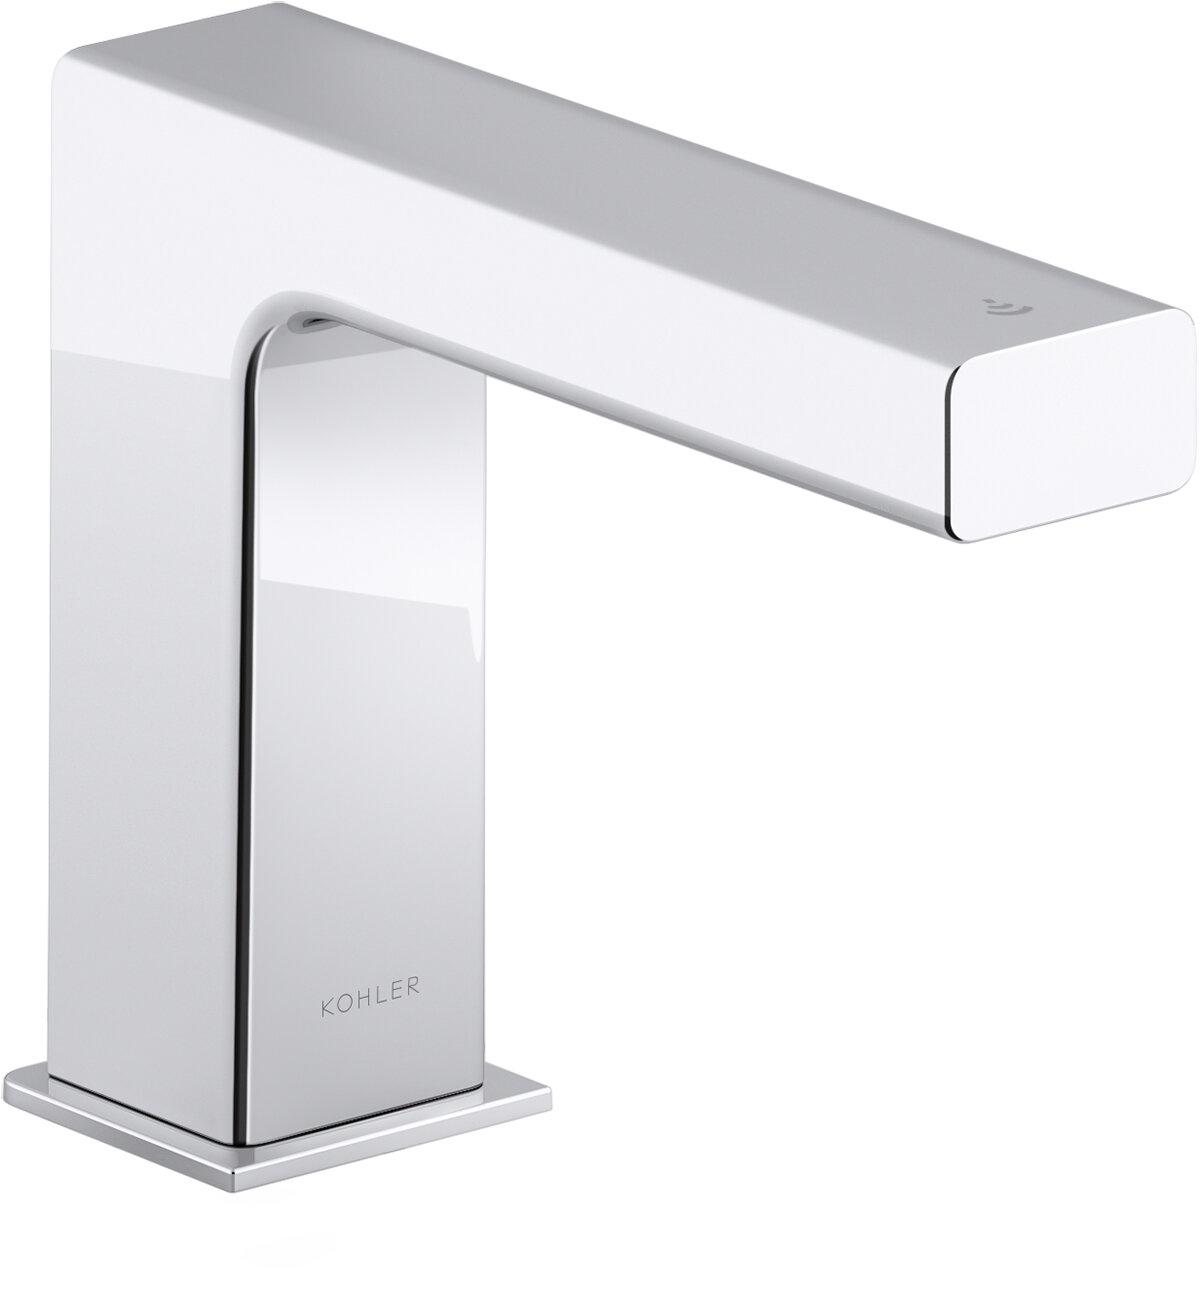 Kohler Strayt Touchless Bathroom Sink